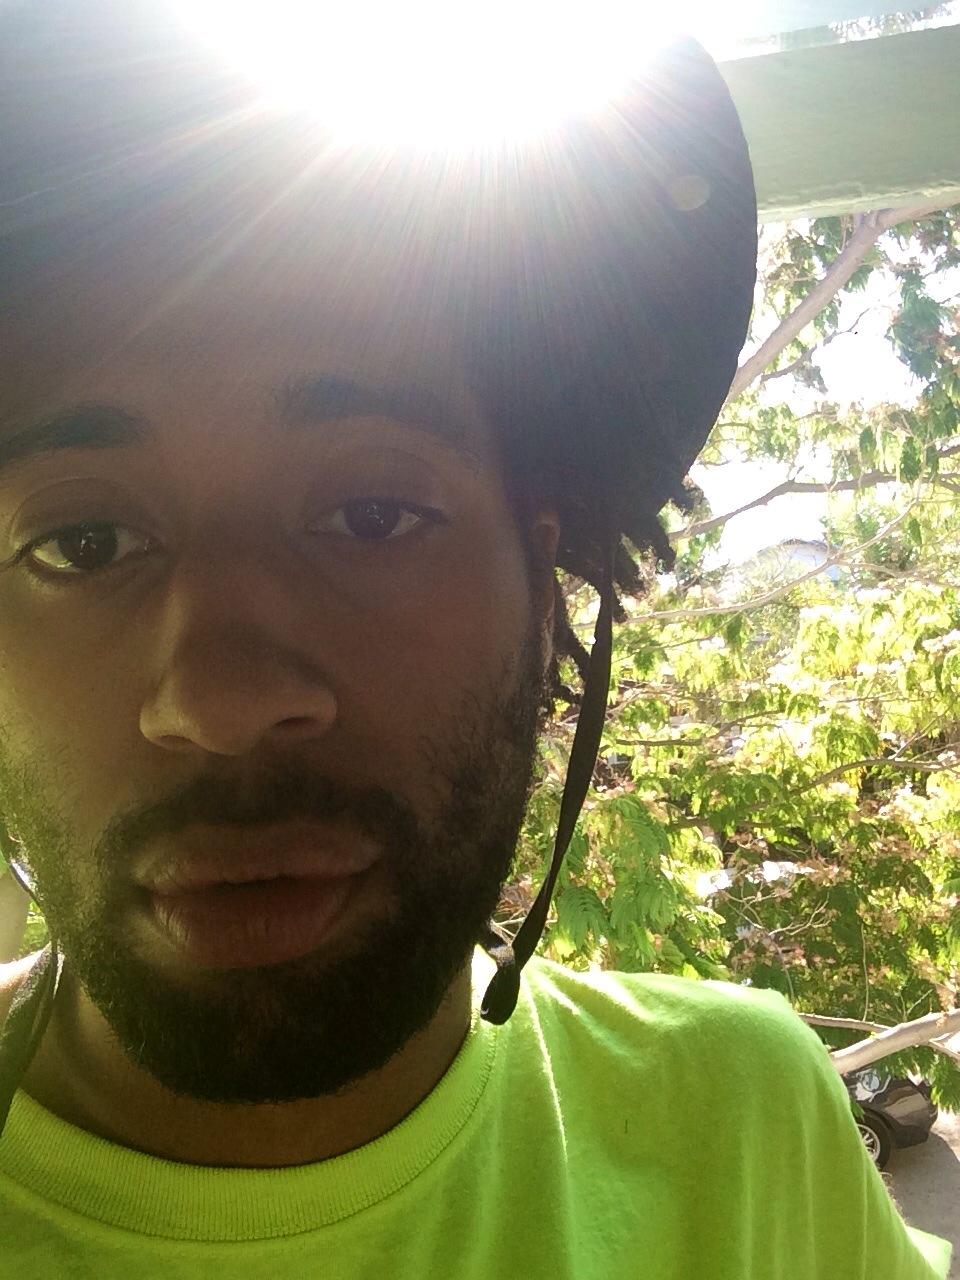 Selfie by Yung Jake